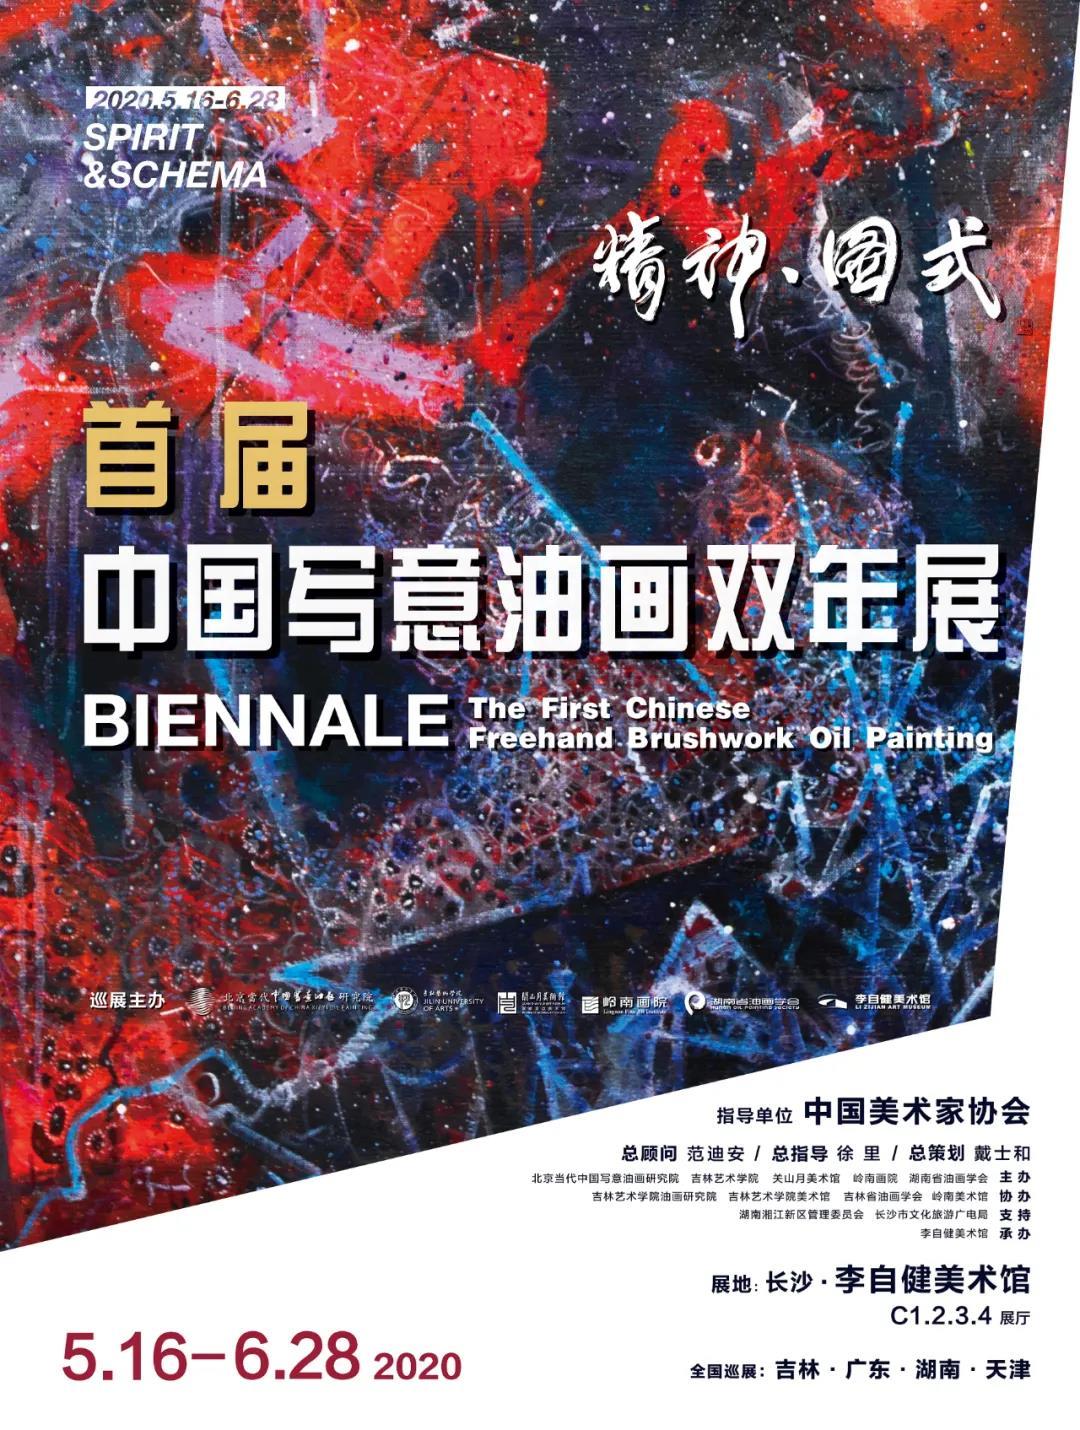 新展预告 | 精神·图式——首届中国写意油画双年展